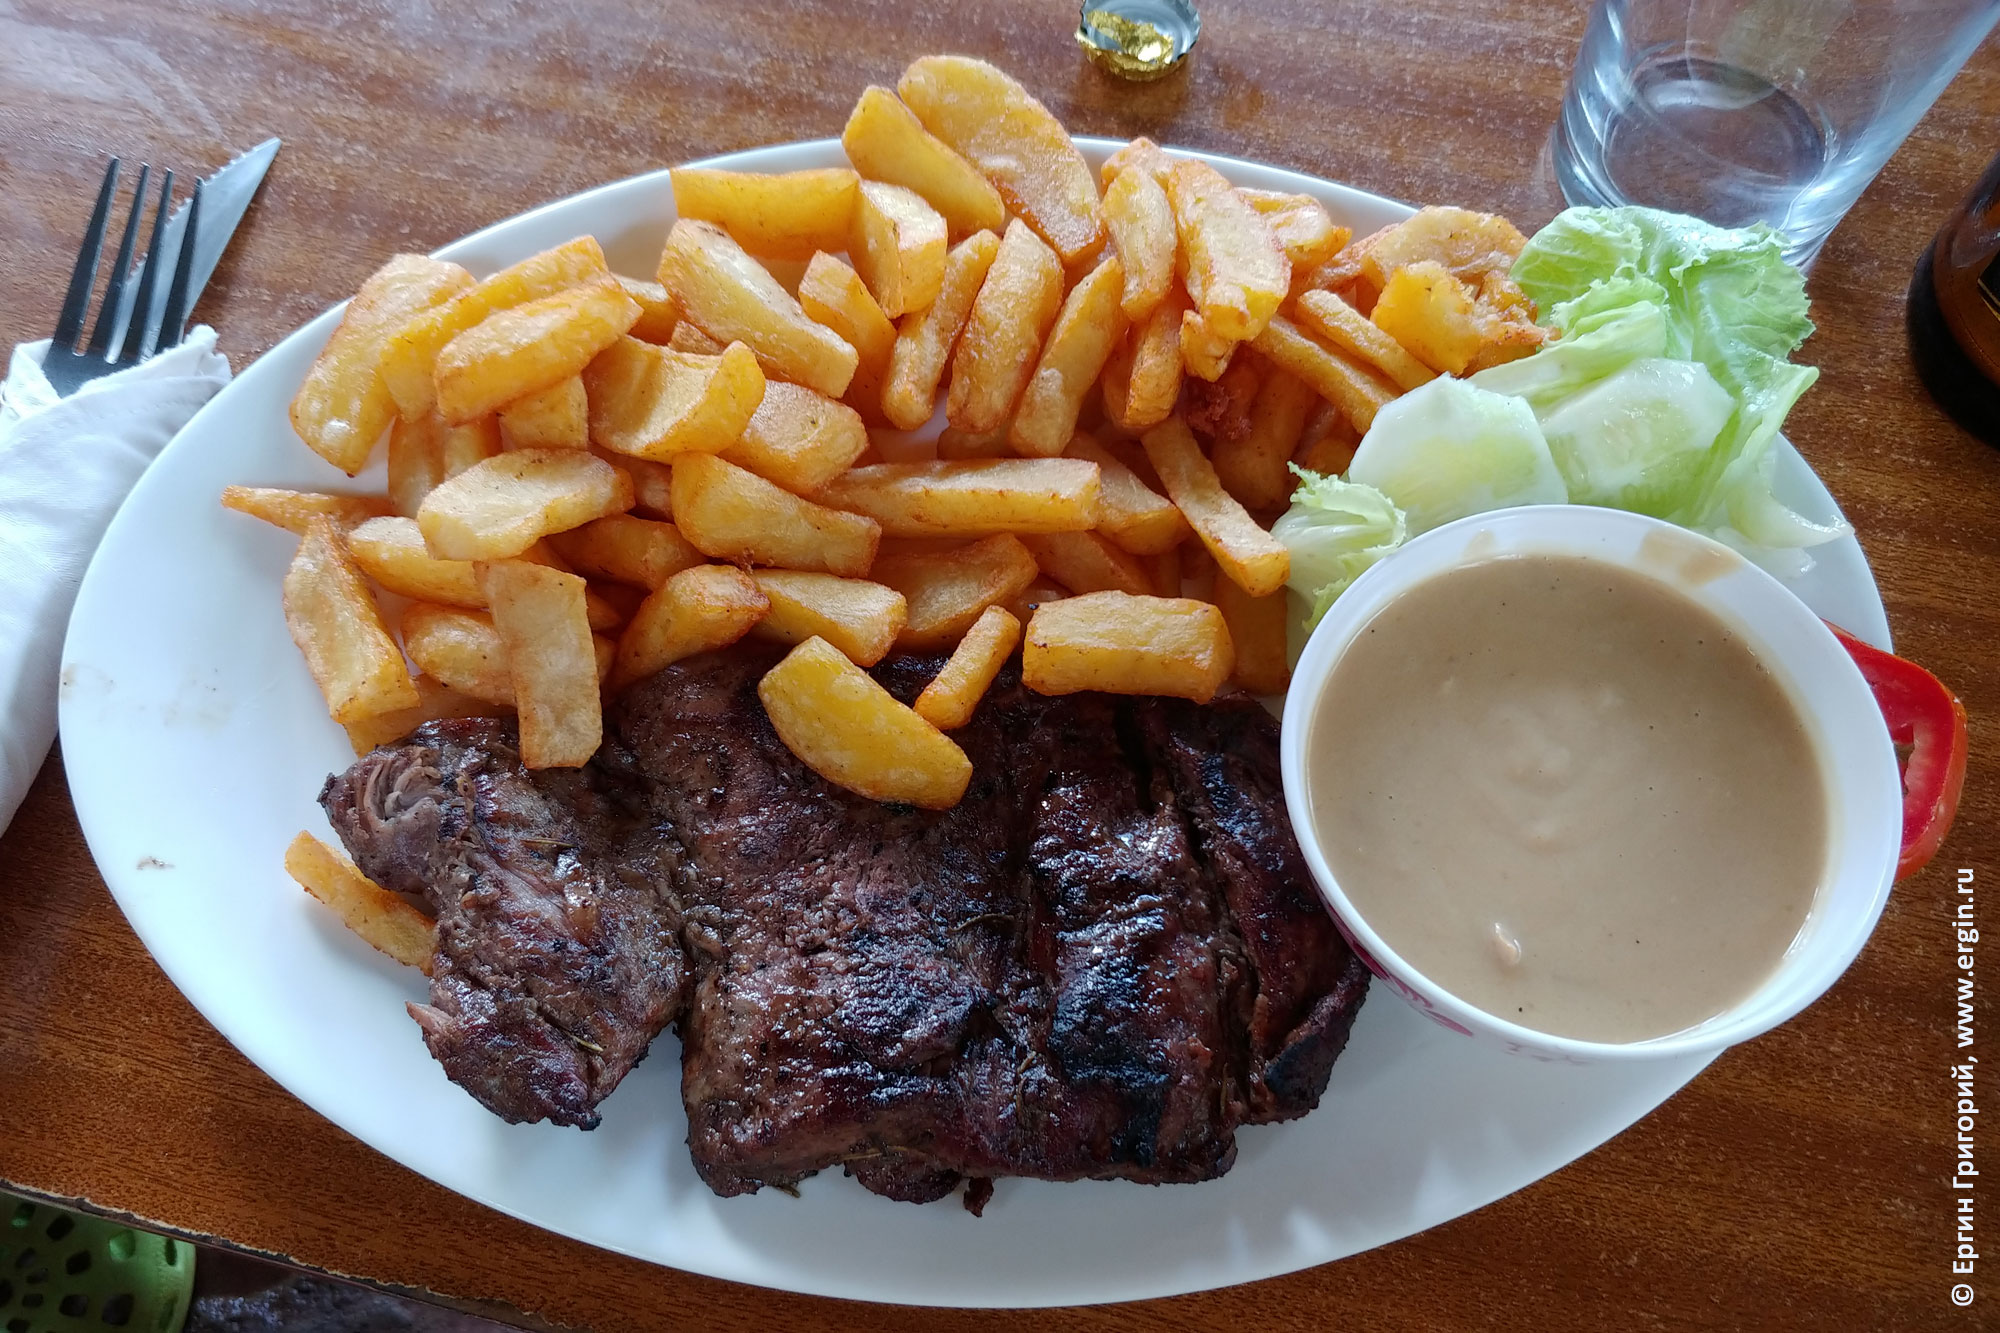 Beef and chips говядина с мясом вкусная еда в Уганде